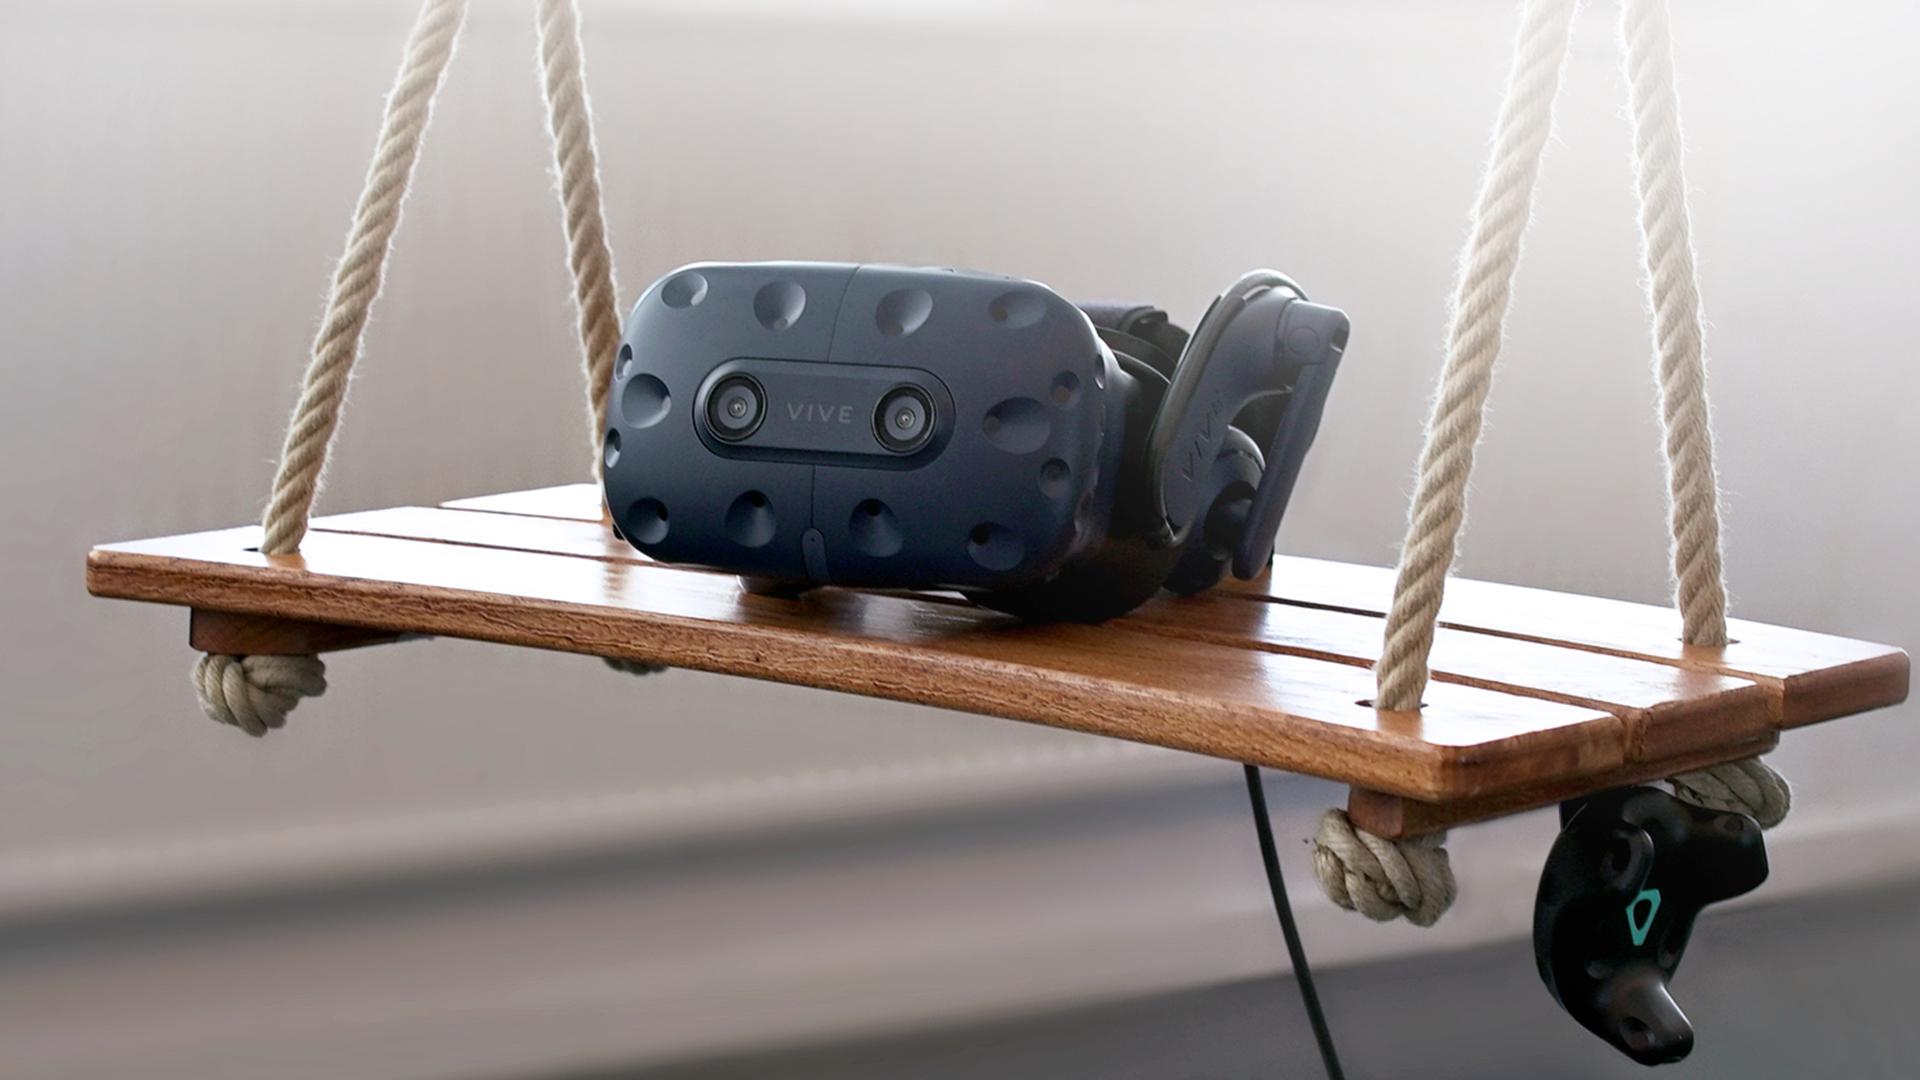 Schaukel VR